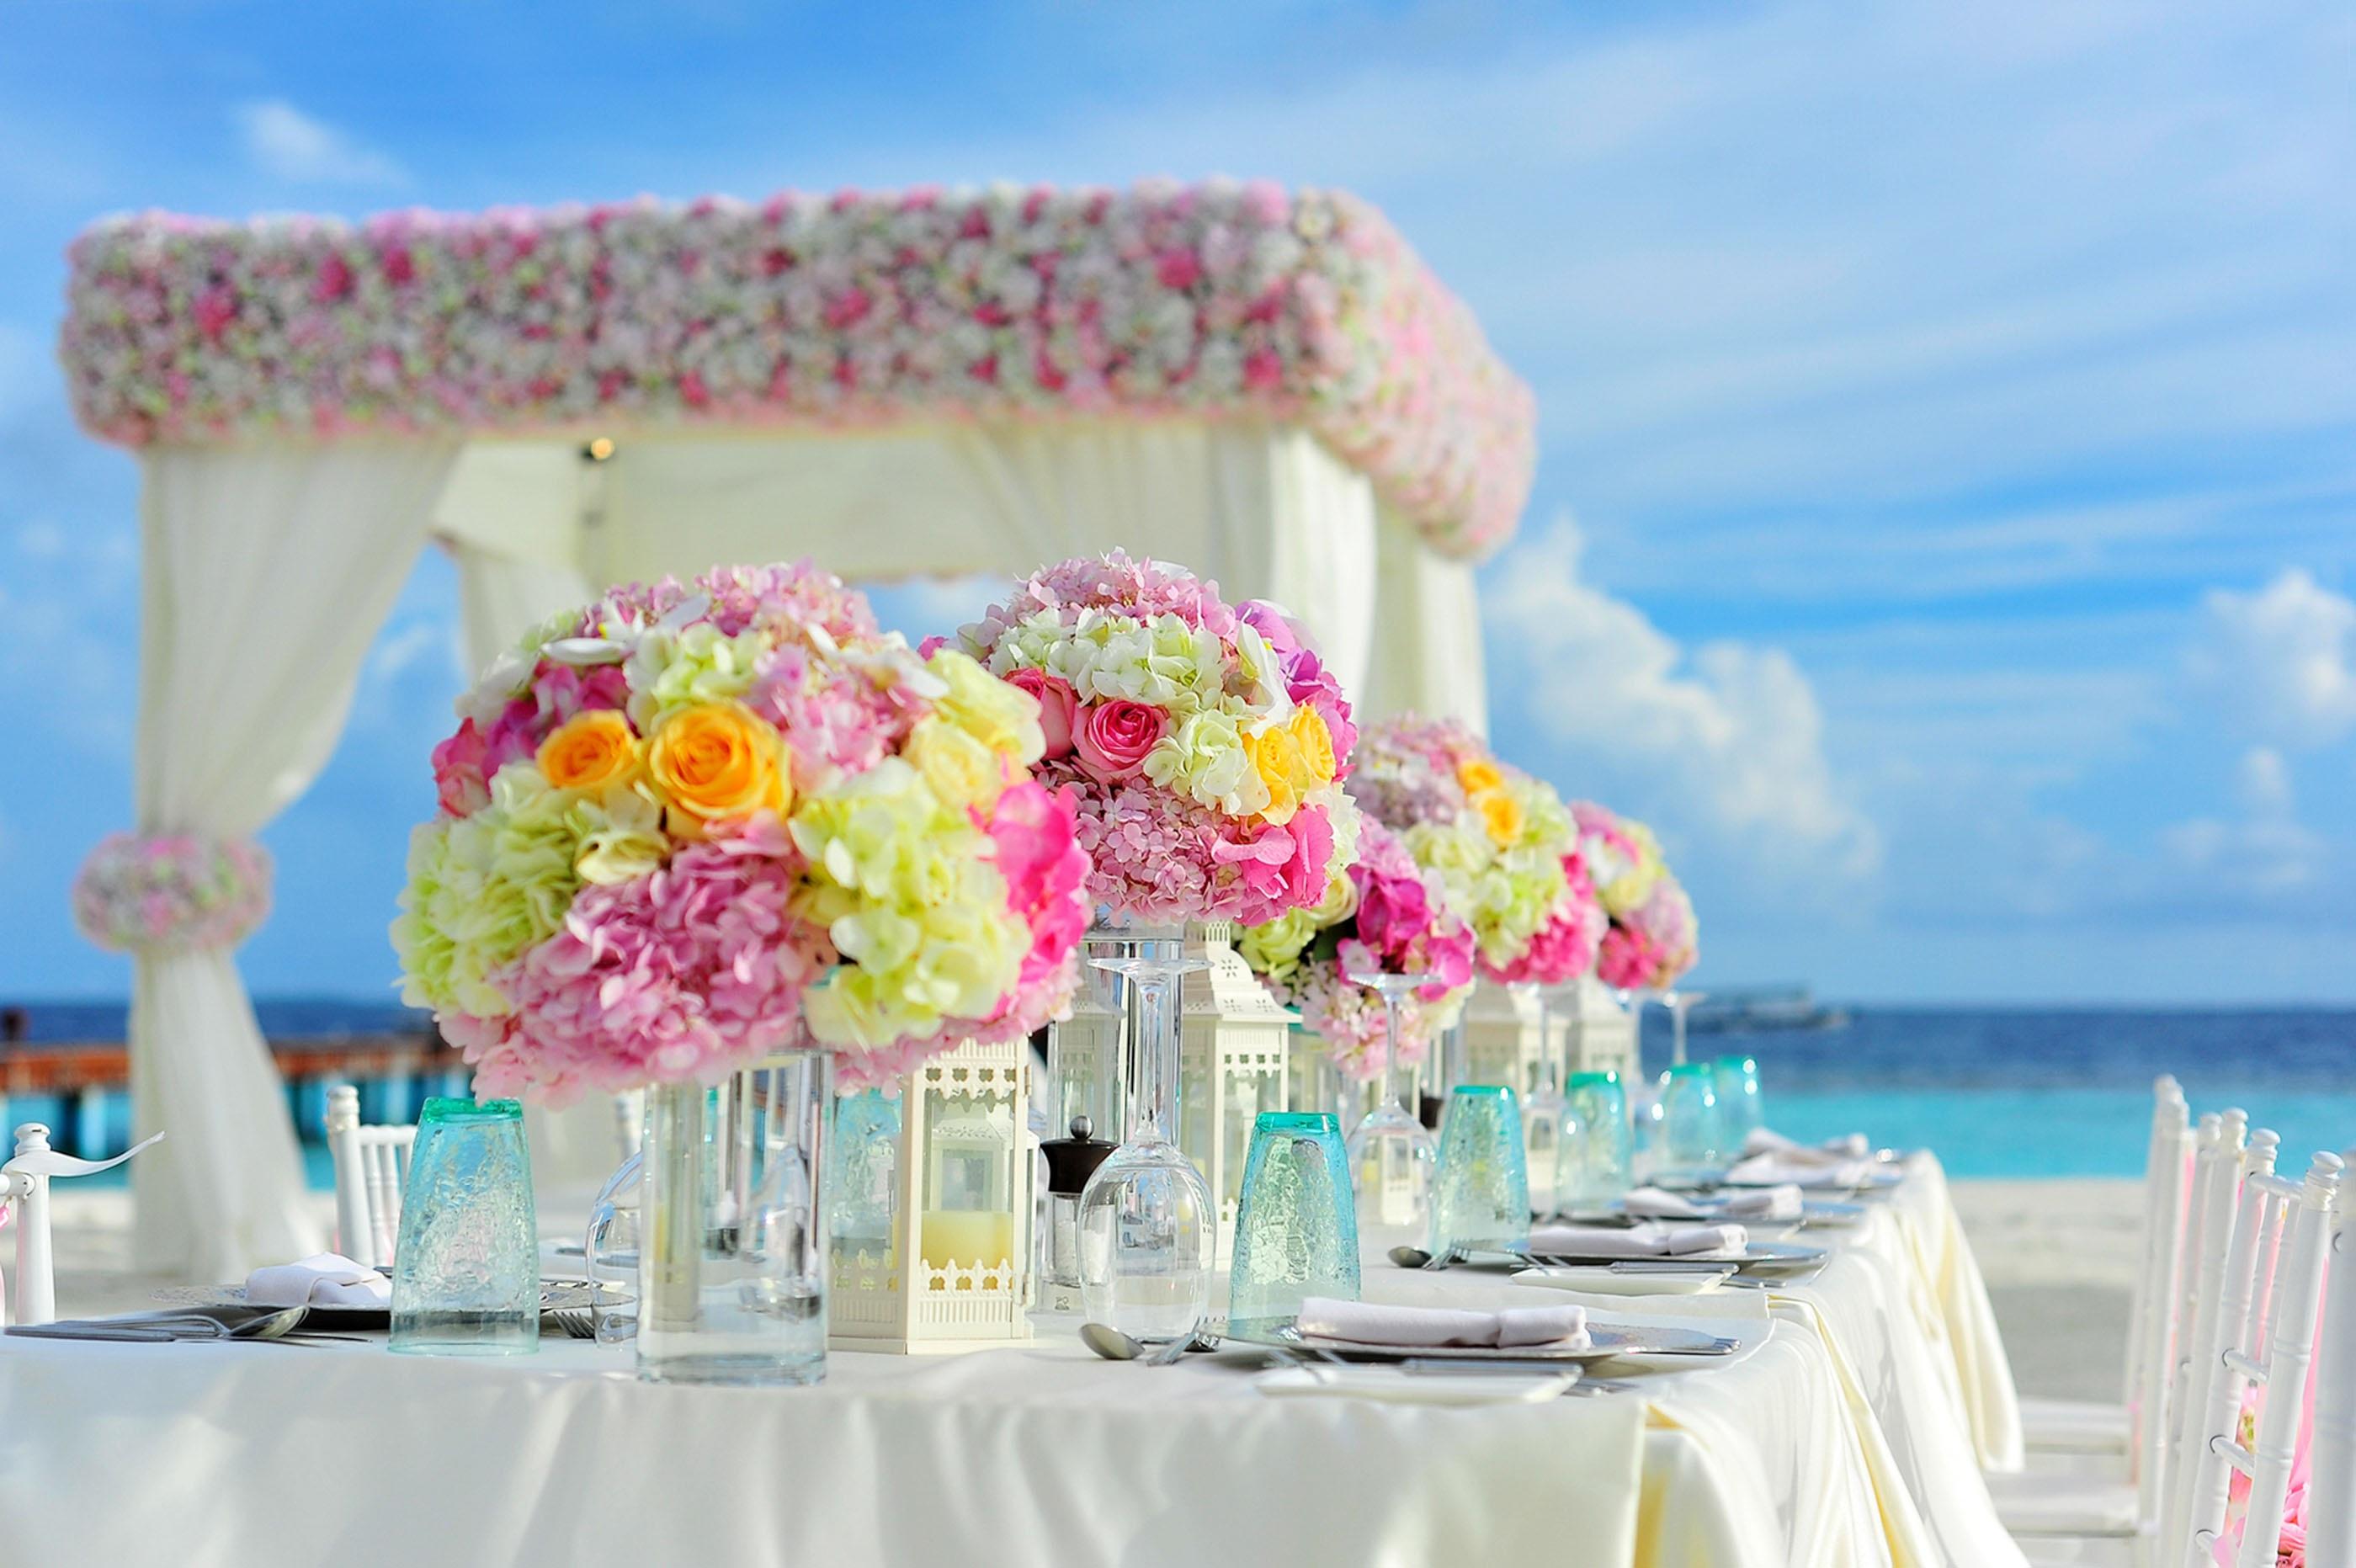 Bildet : Strand, hav, vann, blomst, sommer, feiring, måltid, tropisk ...